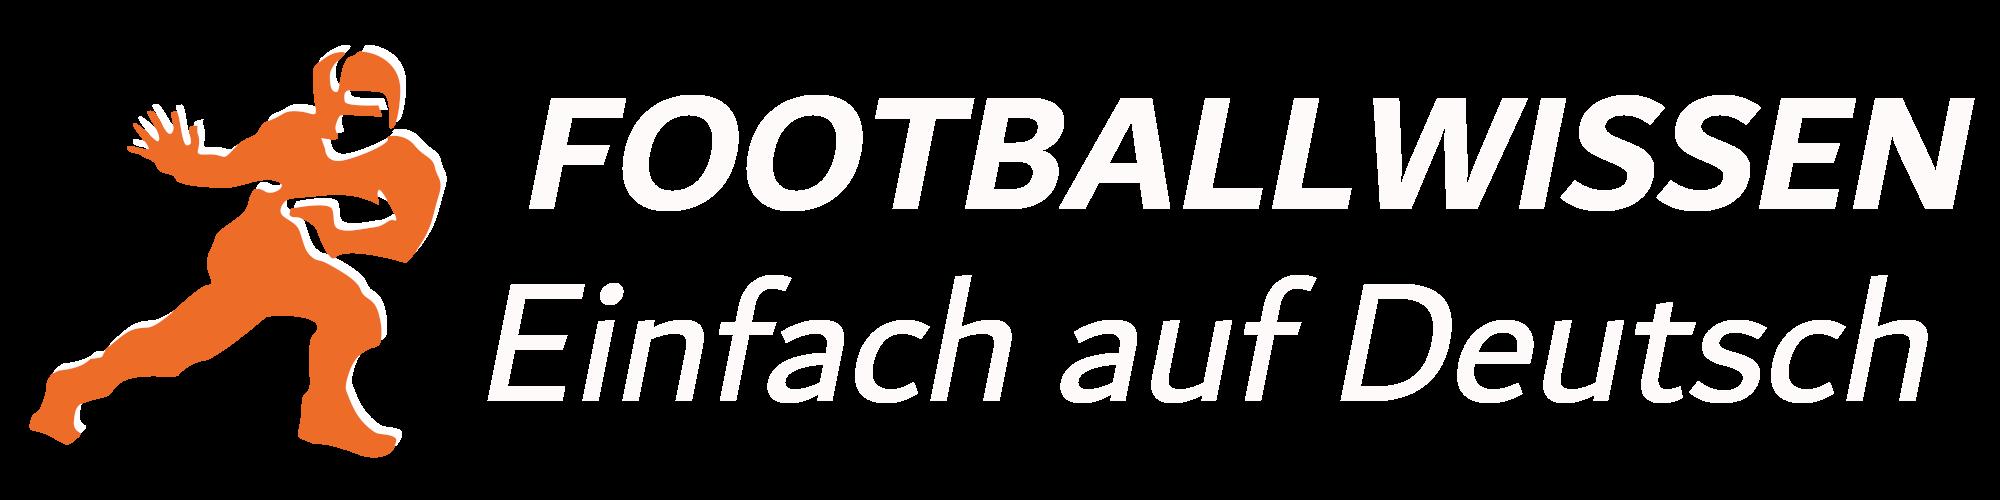 American Football Wissen - Einfach erklärt auf Deutsch